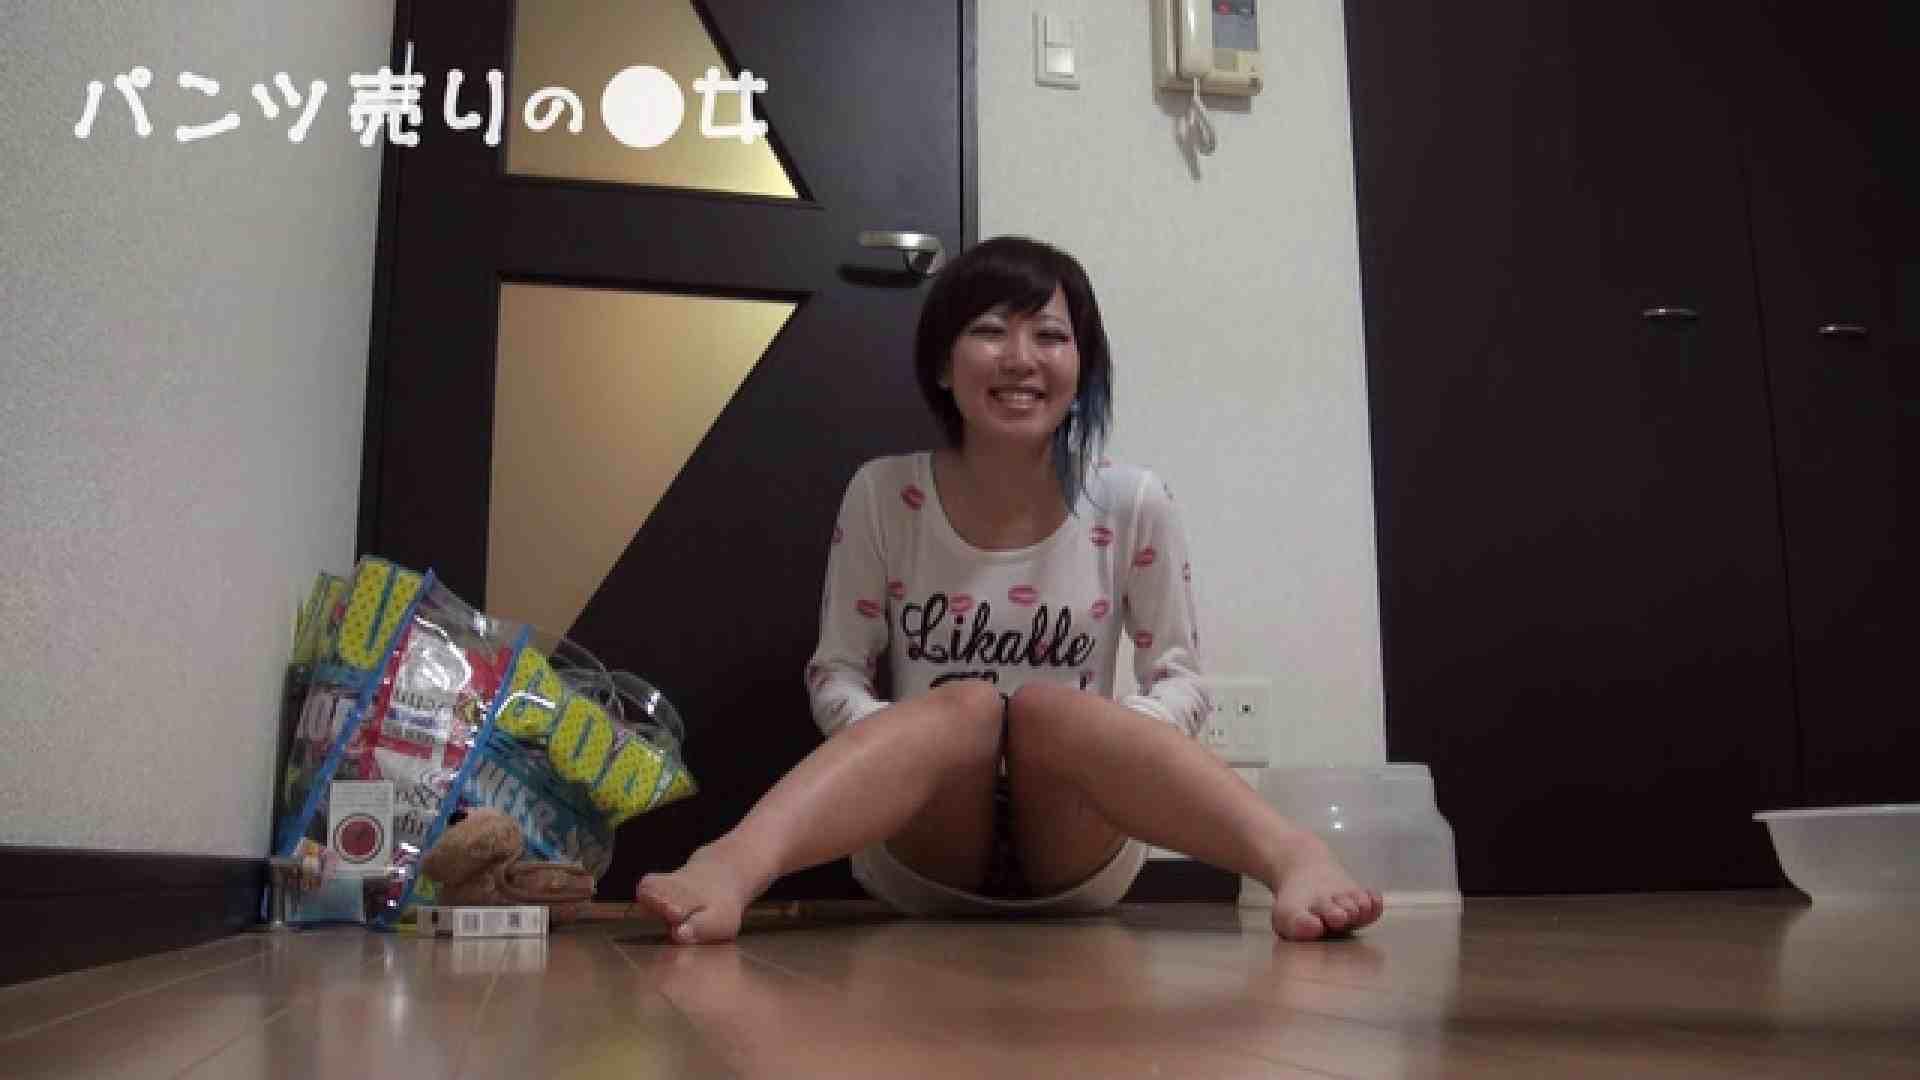 新説 パンツ売りの女の子nana 一般投稿  108枚 30